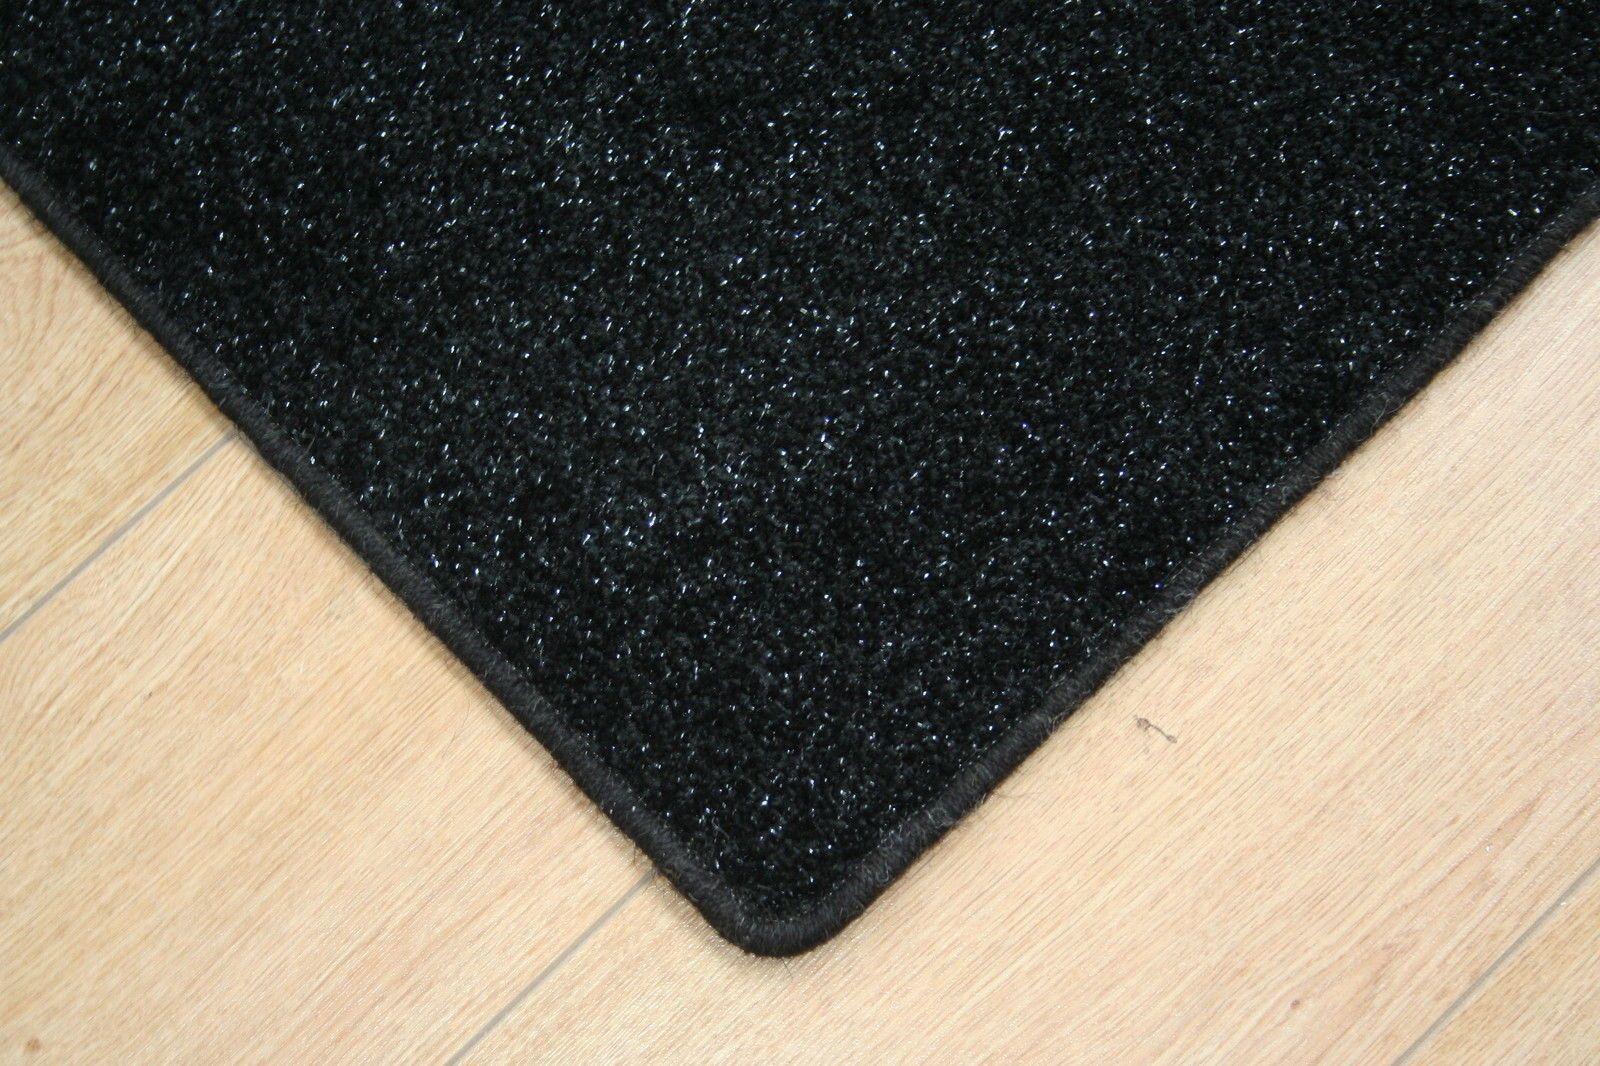 Black Glitter Rug